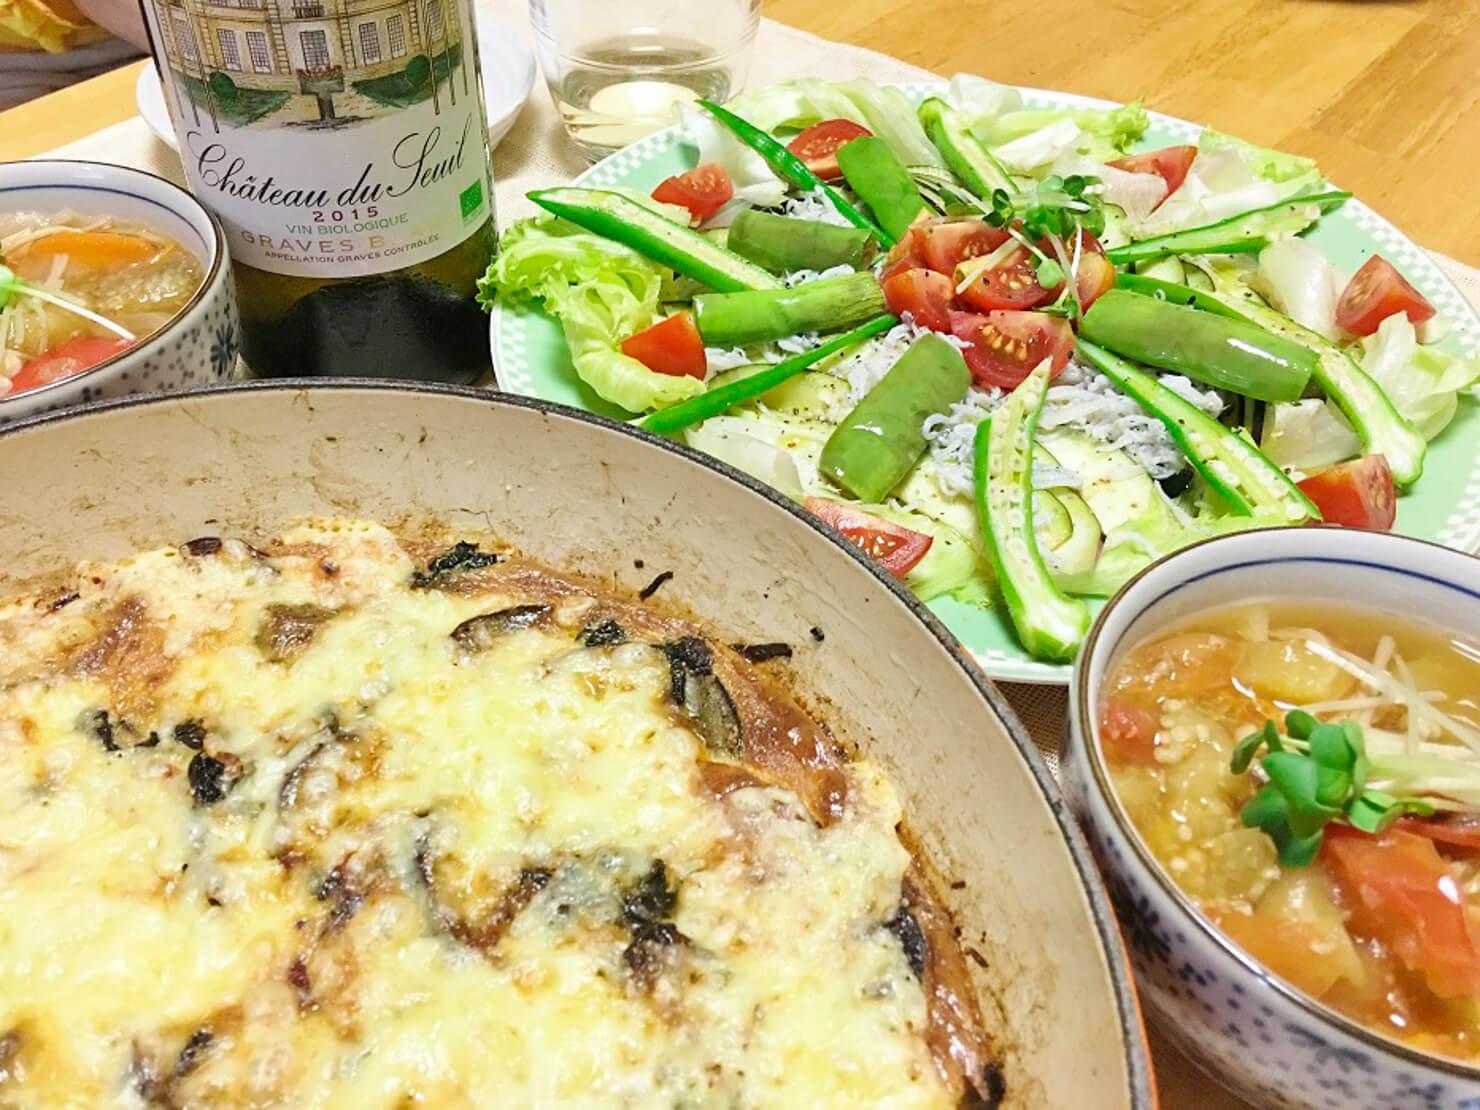 ひもナスと水ナスのサラダ中心の夕食の写真